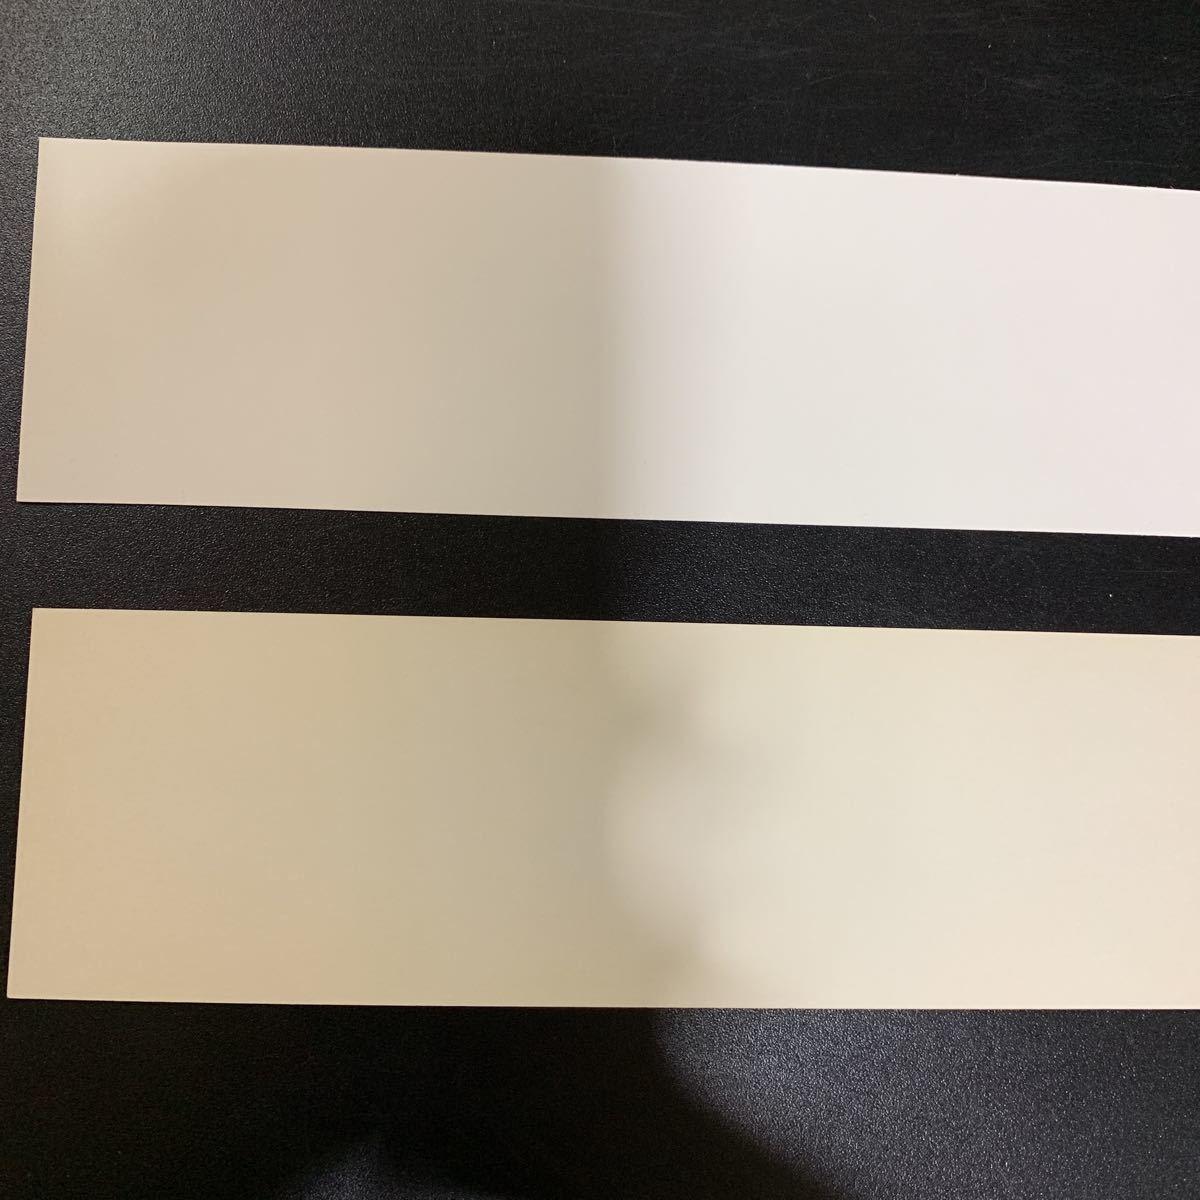 【正規品・新品未使用品】《送料370円》SUPREME 新旧 BOX Logo 2枚セットシュプリーム ボックスロゴ ステッカー _画像4